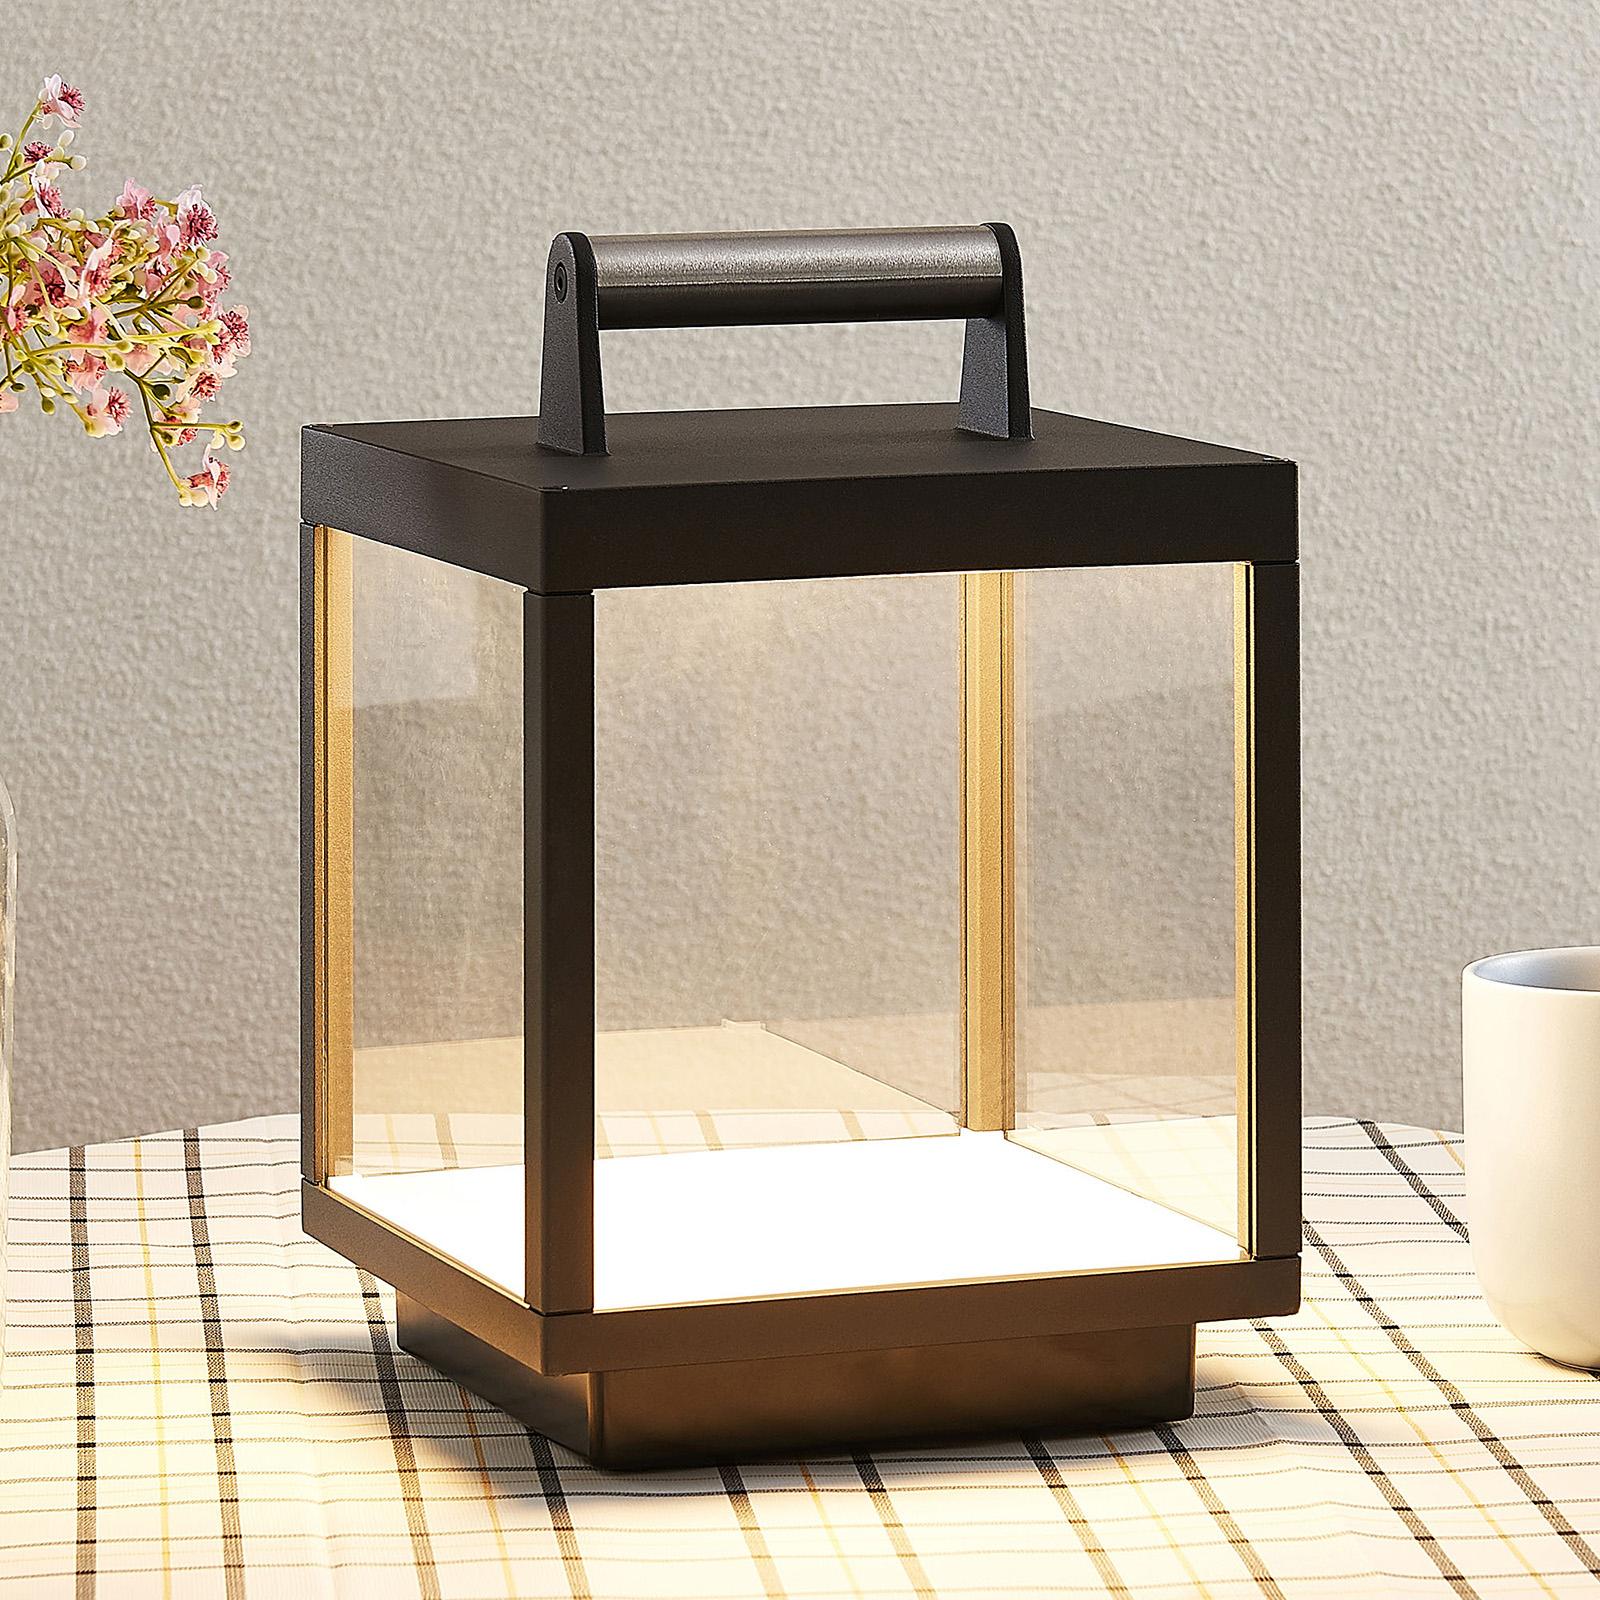 LED-Tischleuchte Cube für außen, aufladbar